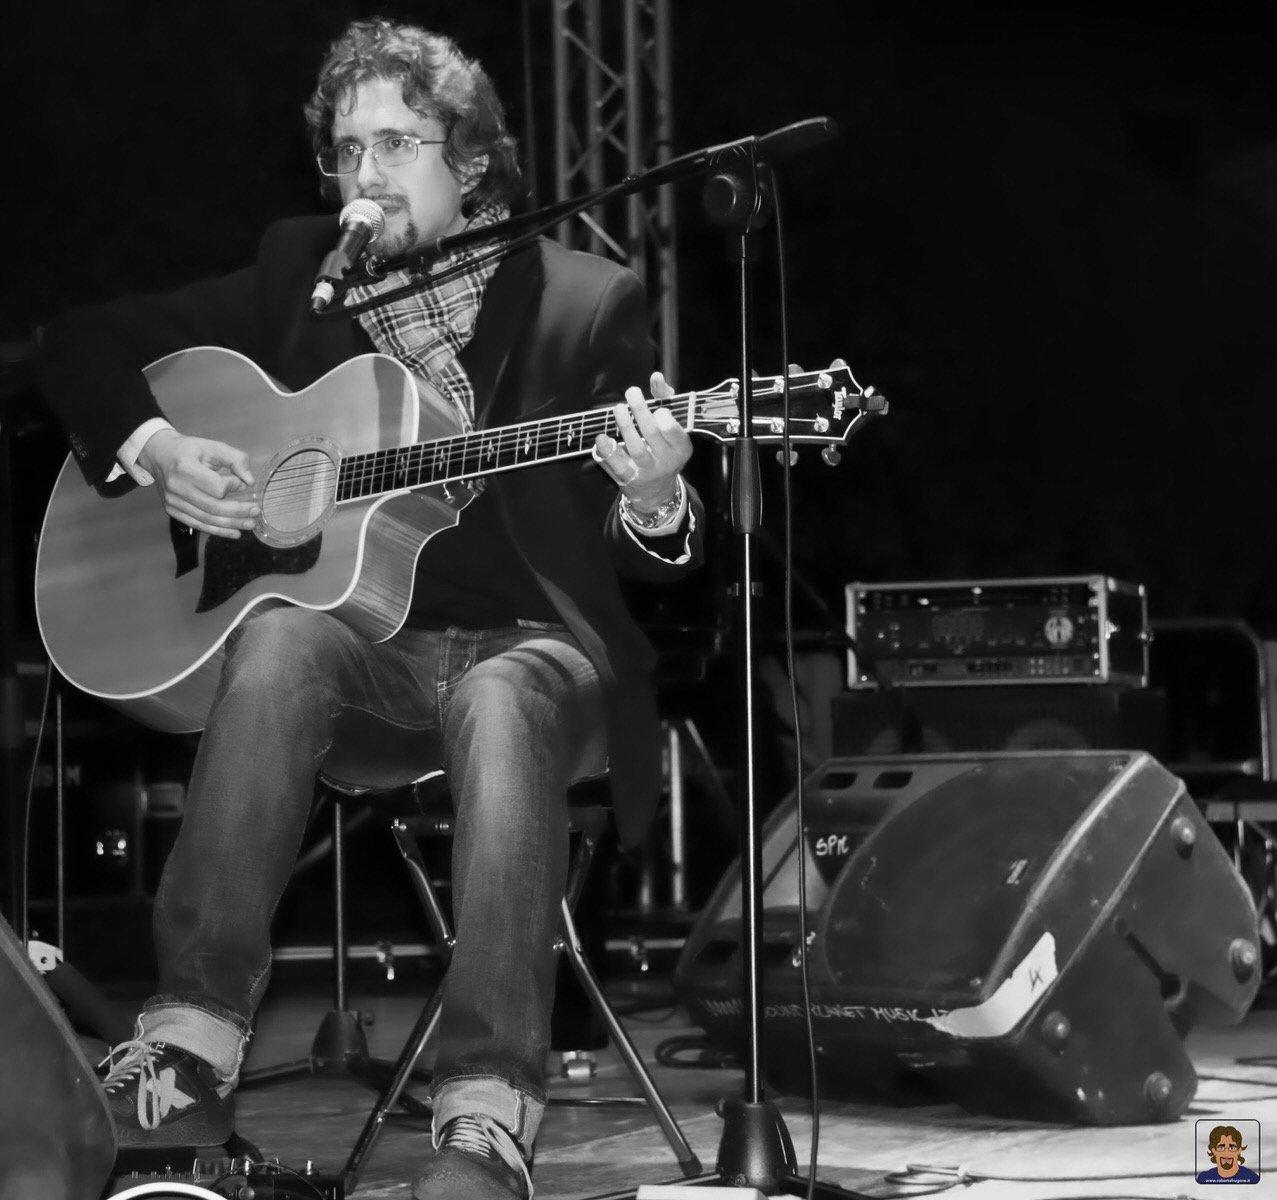 Roberto Frugone cantautore live concerto acoustic guitar Altremura Festival Altamura